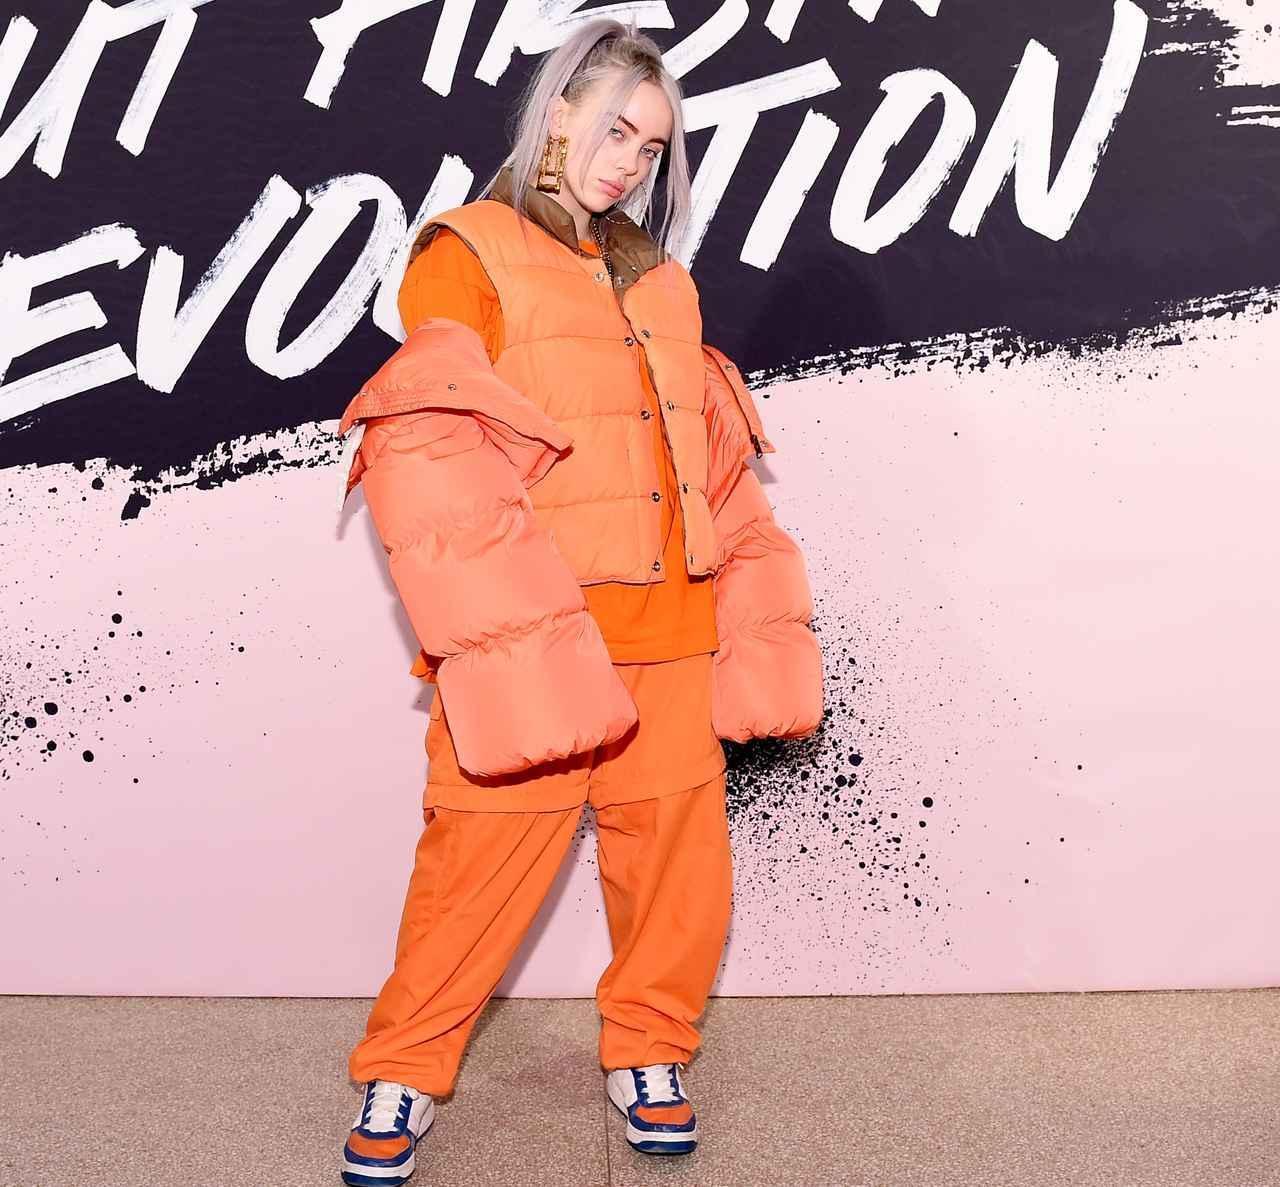 画像2: 次世代ファッションアイコン! カラーアイテムを大胆に楽しむのがビリー流